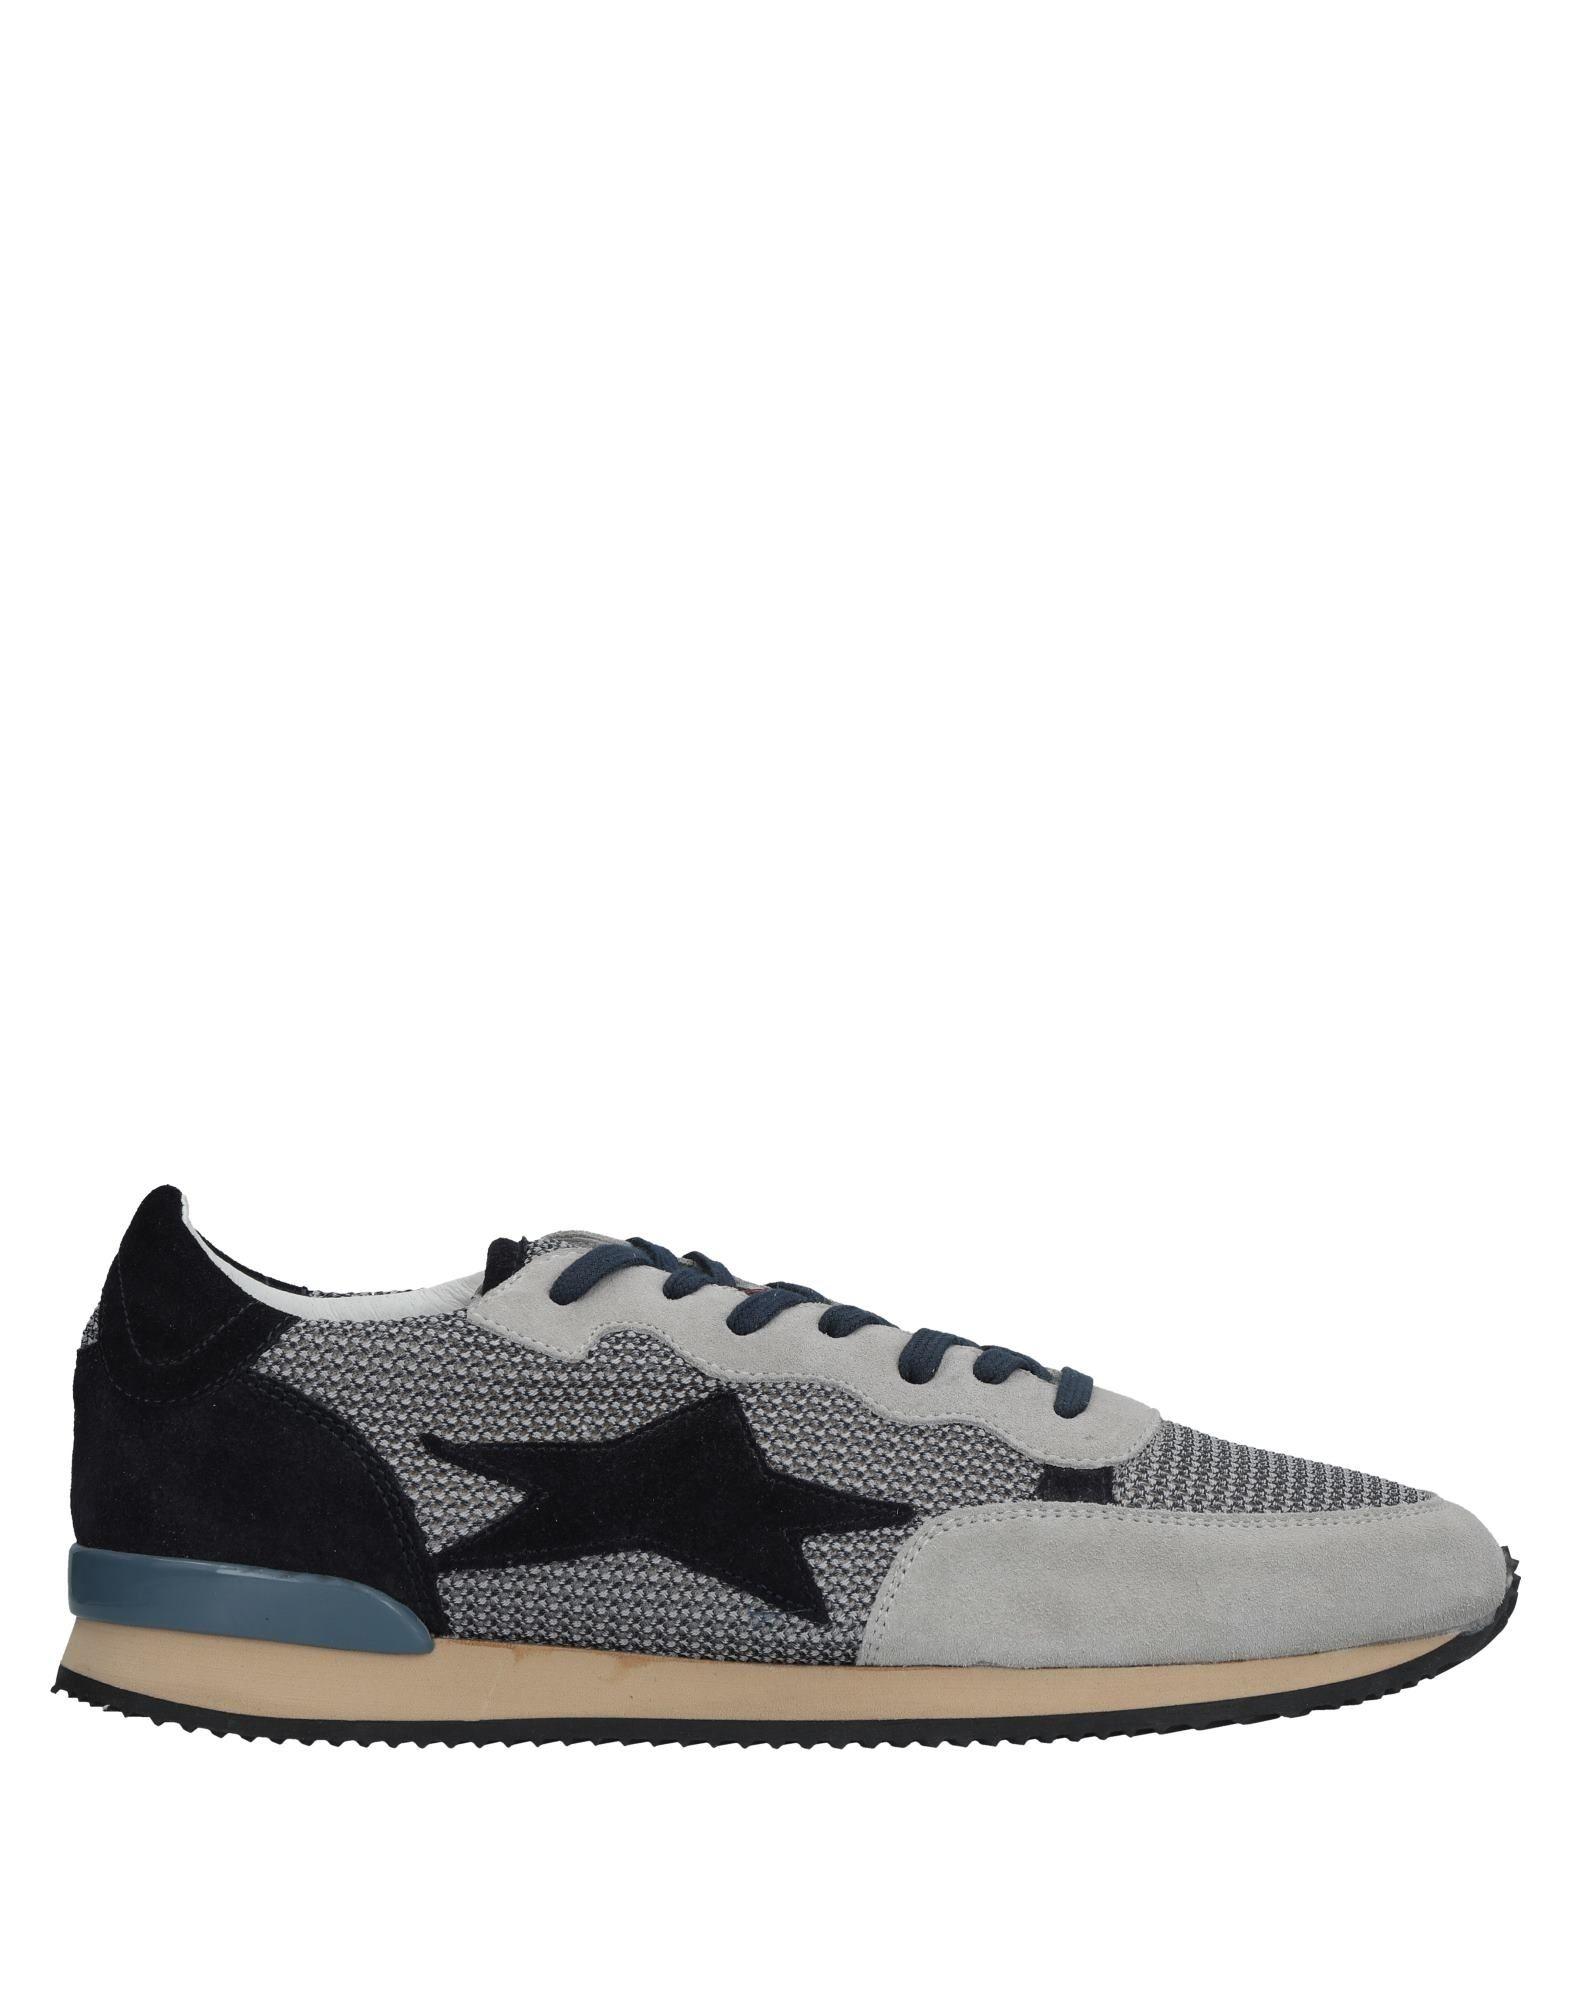 Sneakers Ishikawa Uomo - 11523823KN Scarpe economiche e buone